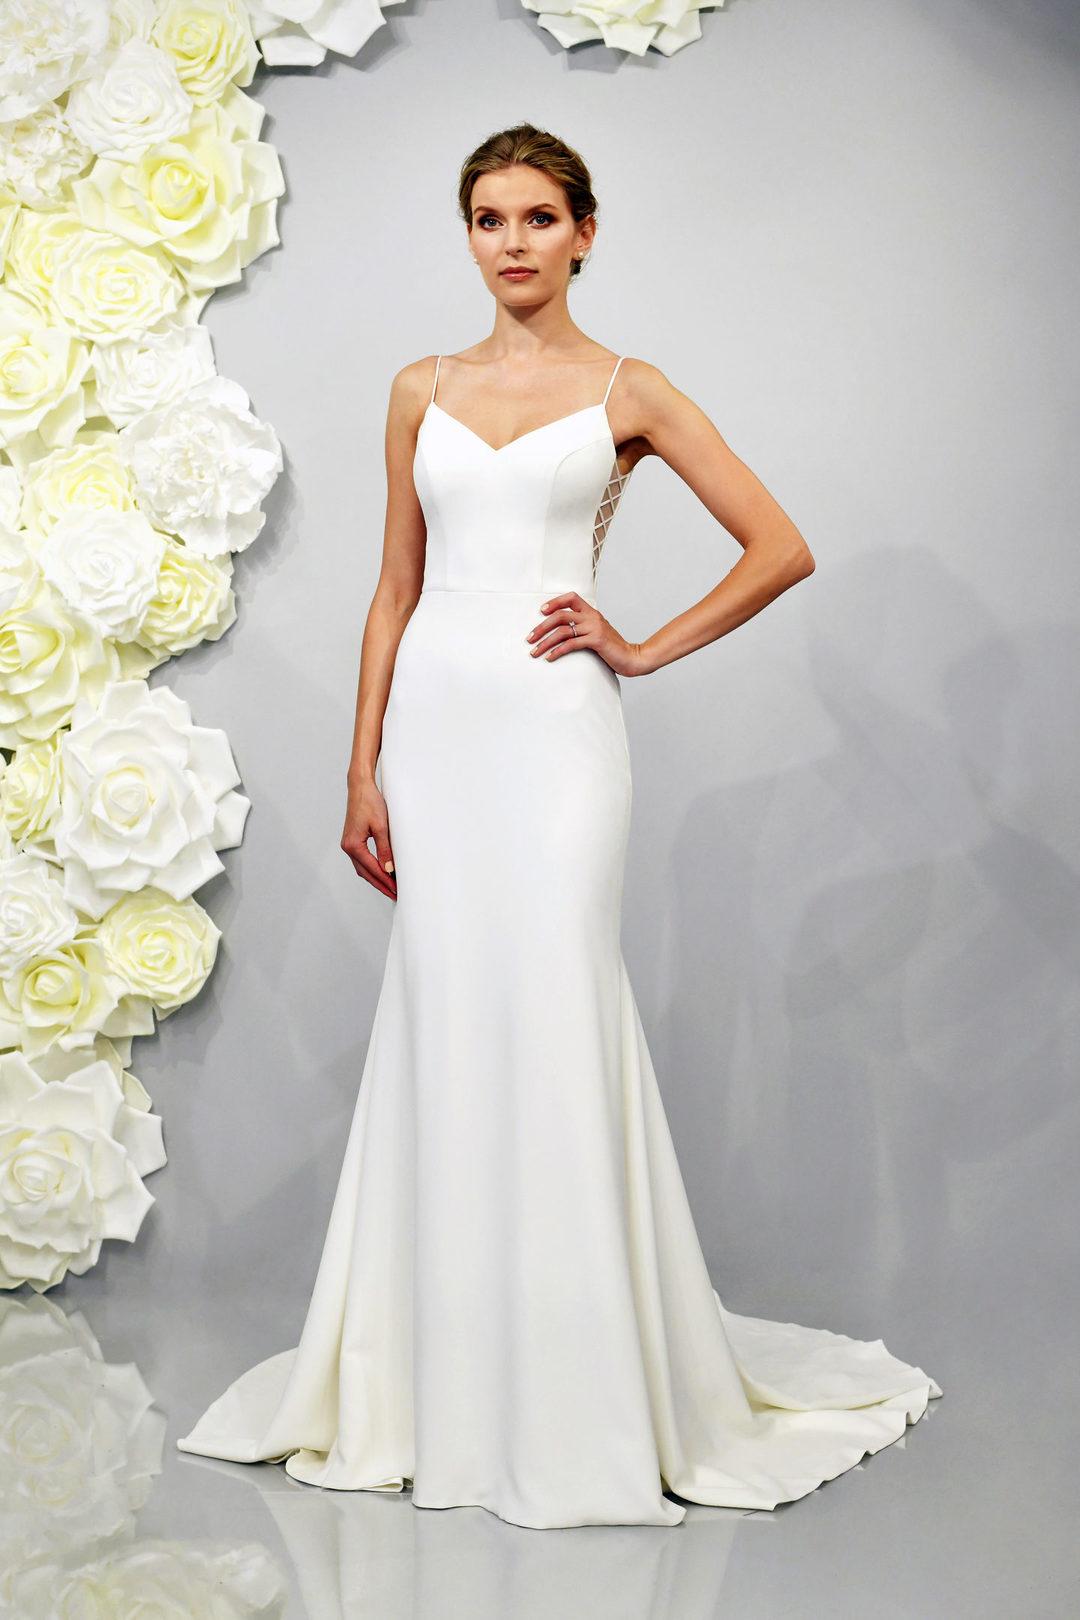 890642 amaryliss dress photo